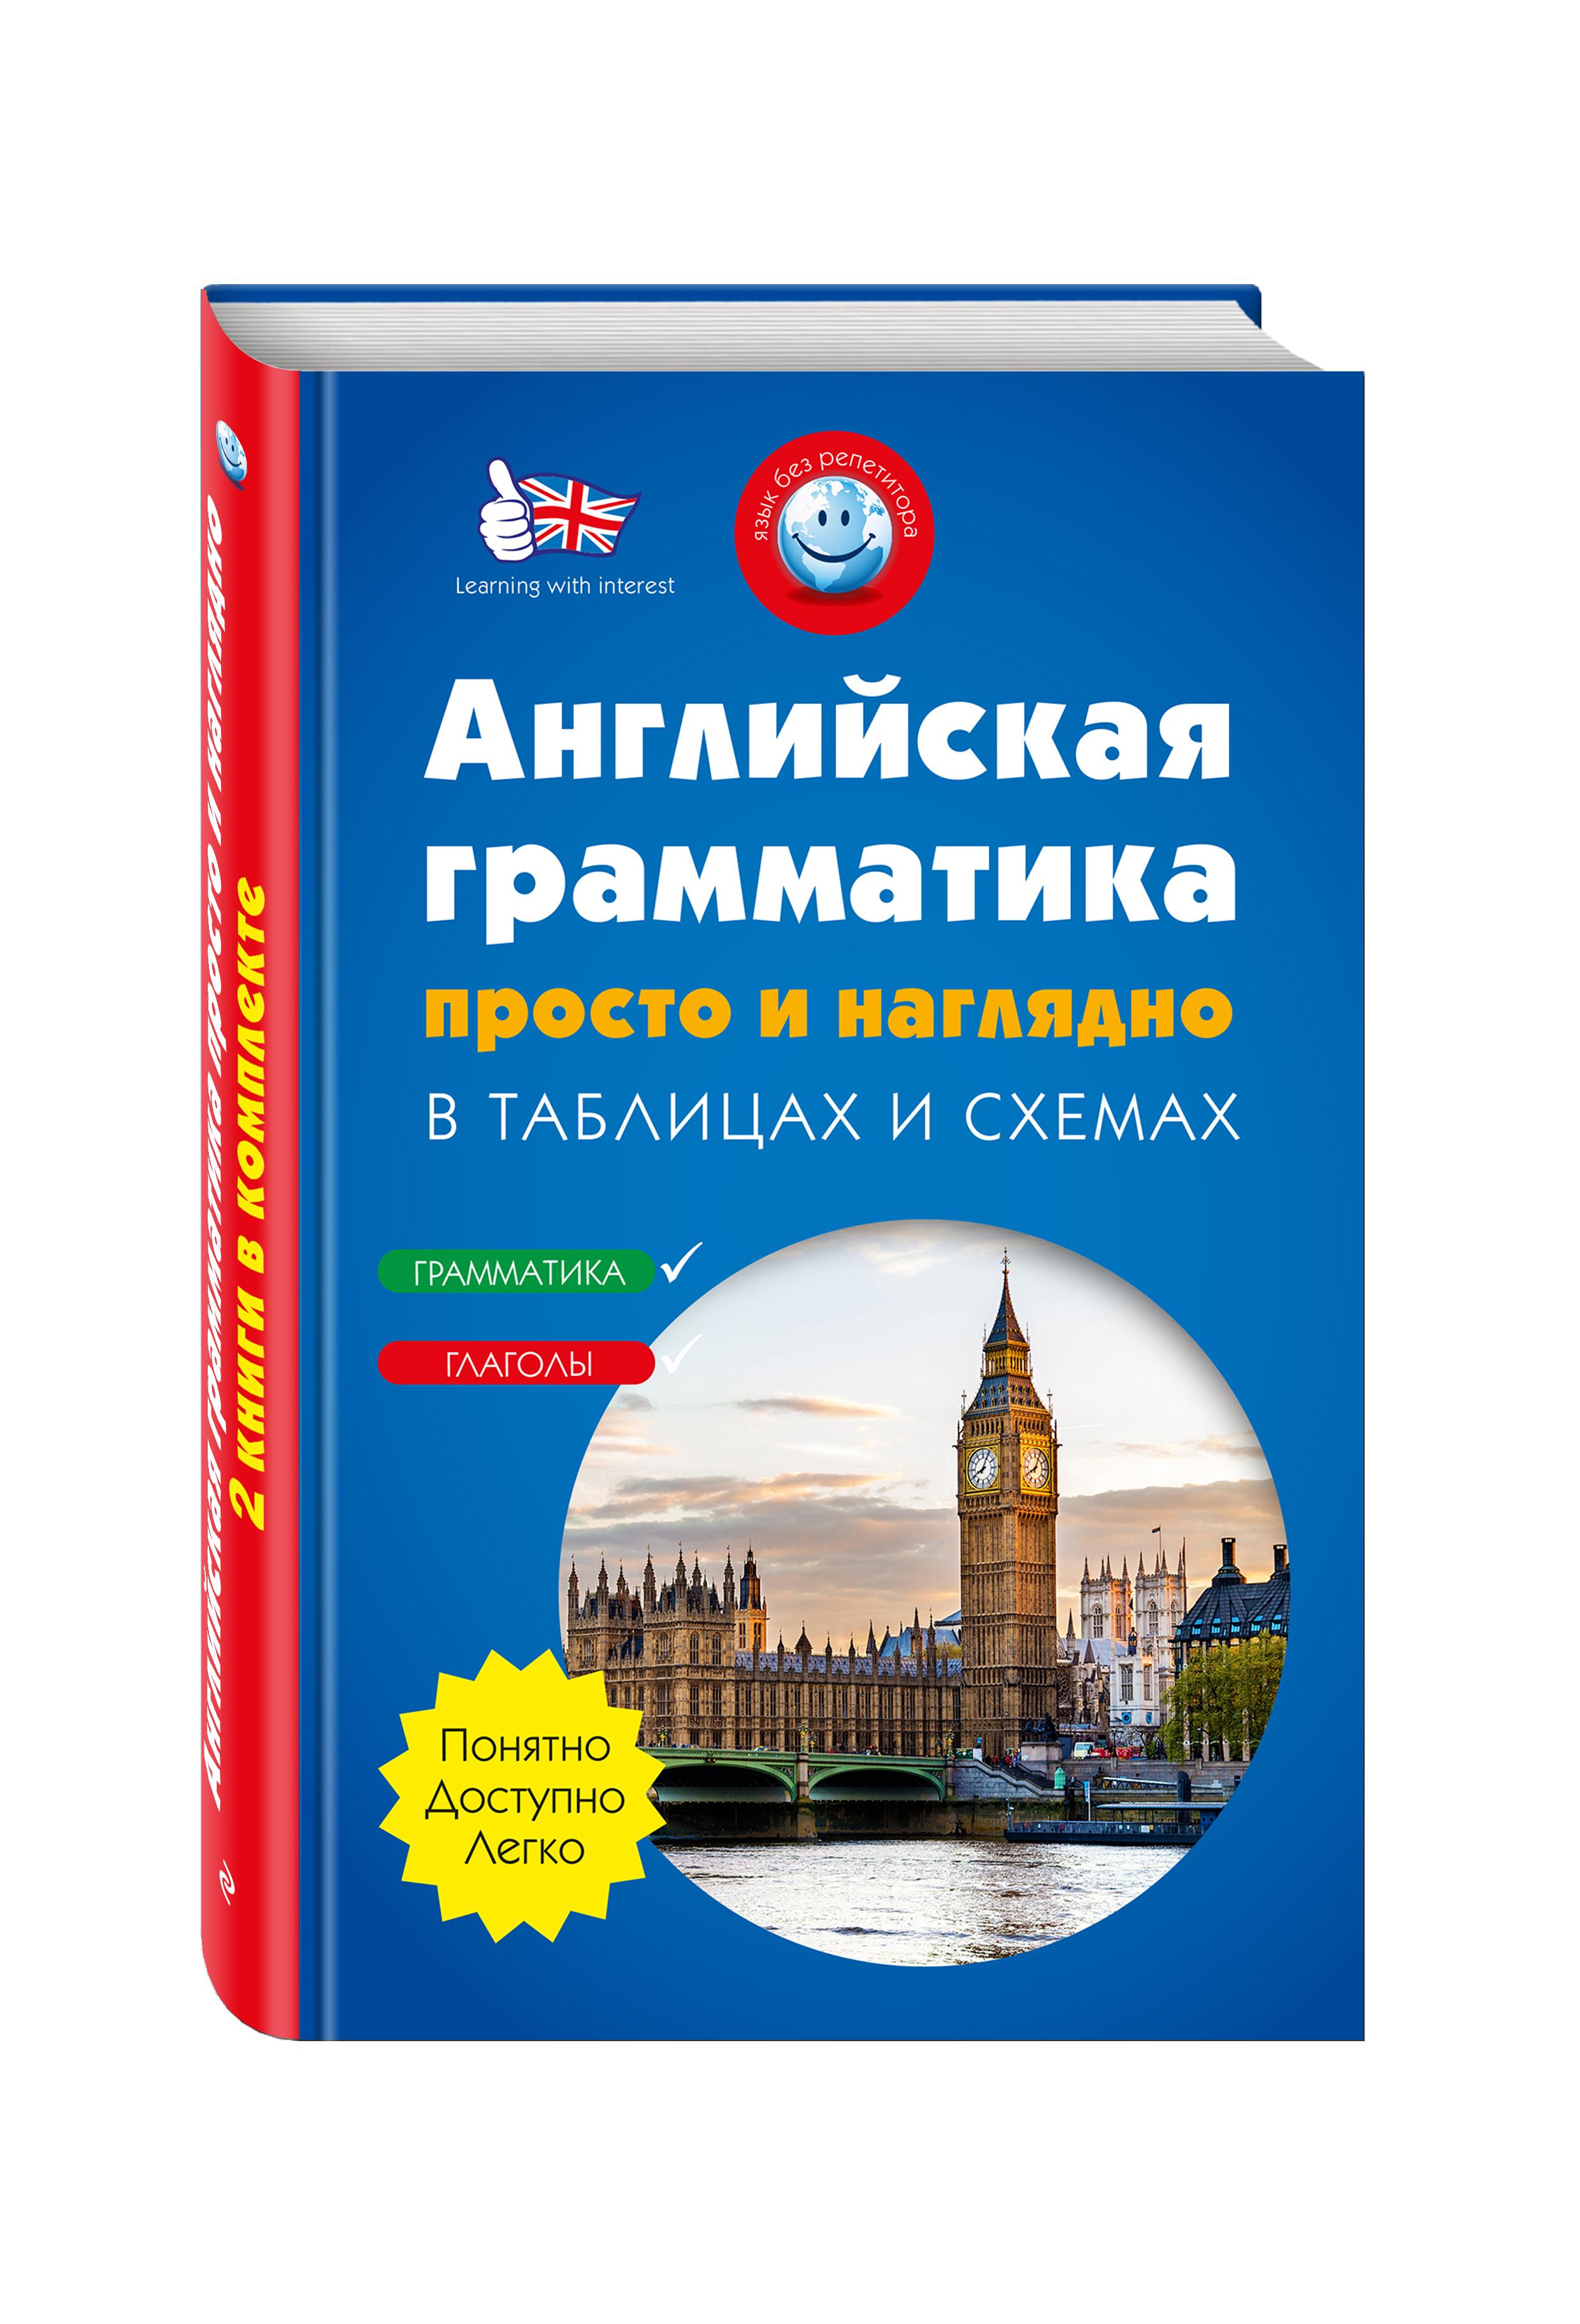 Погожих Г.Н., Ильченко В.В. Английская грамматика просто и наглядно. (комплект) эксмо современная английская грамматика теория и практика